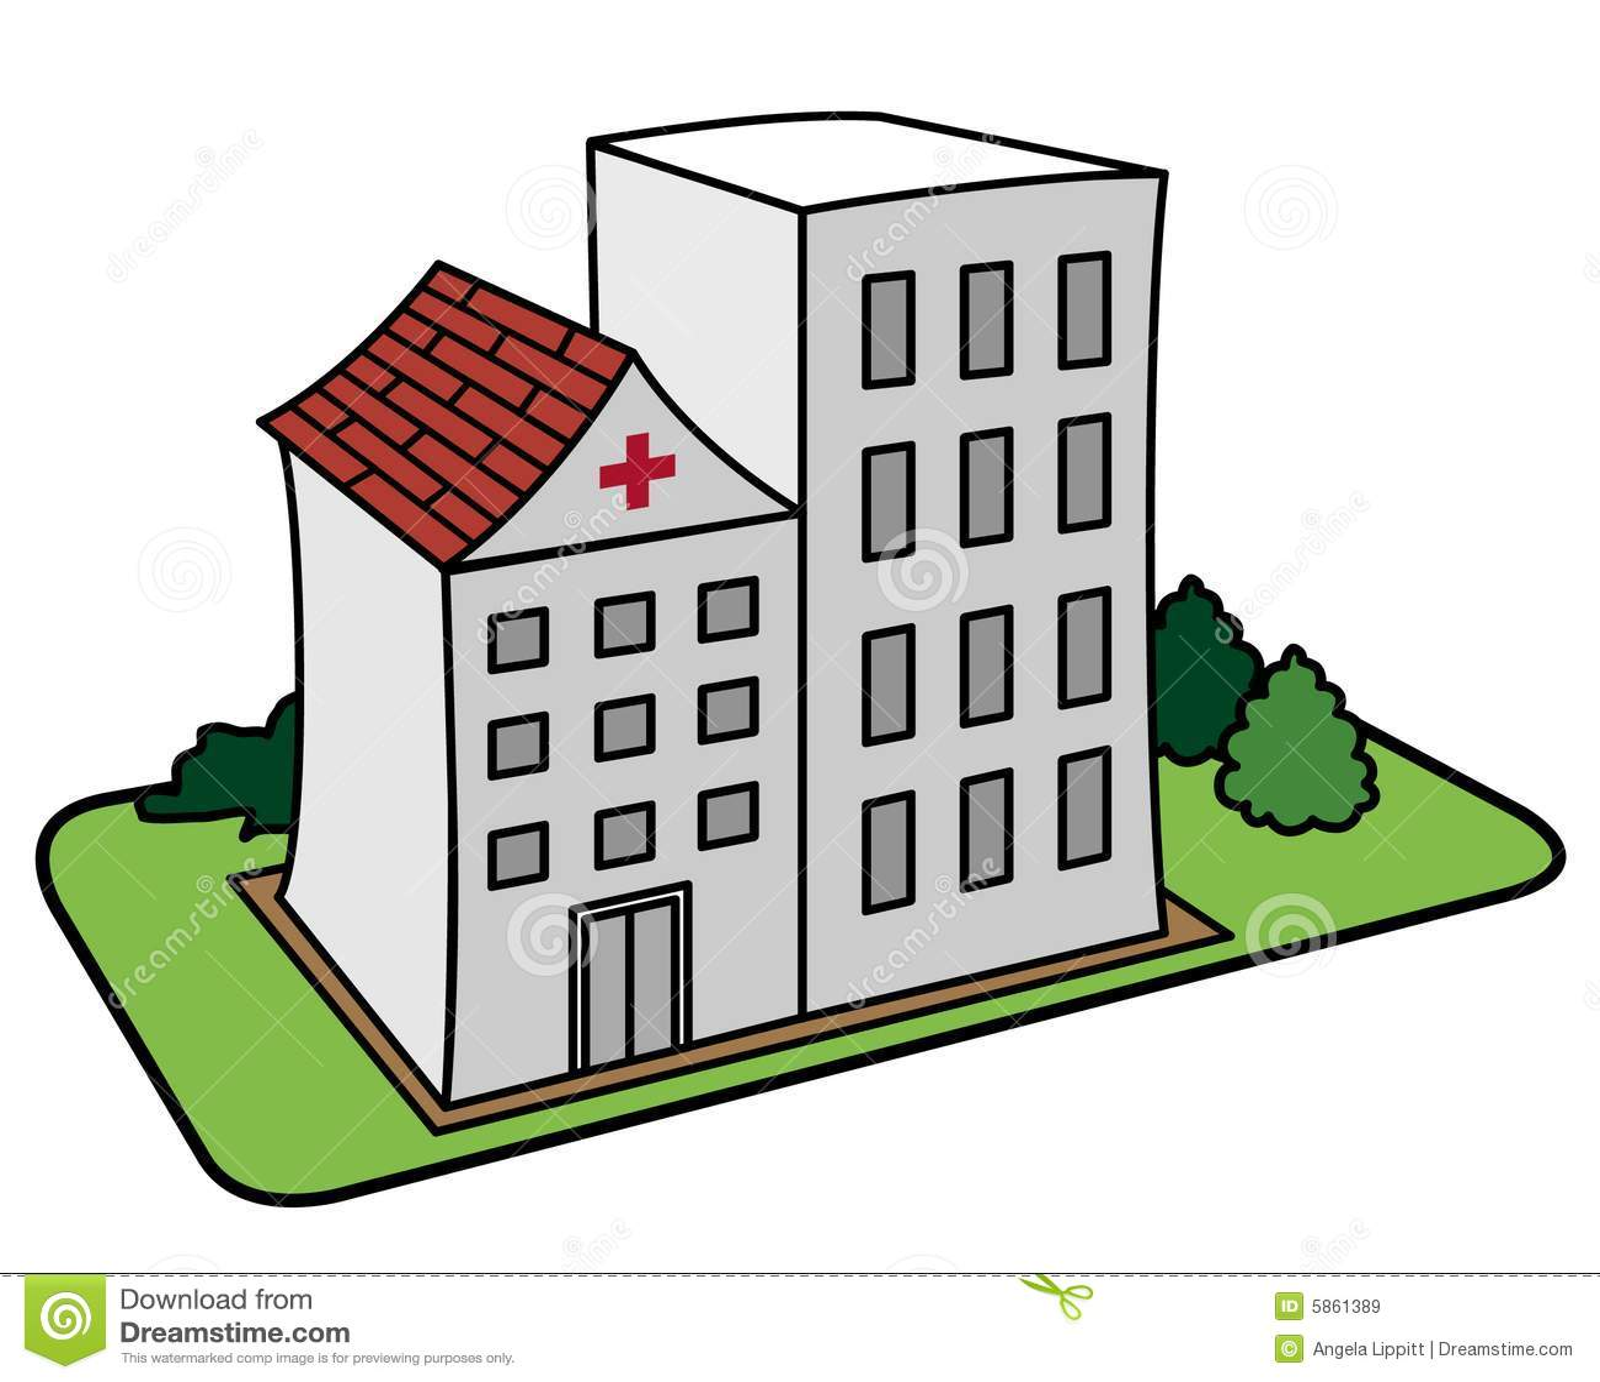 Afbeeldingsresultaat voor het ziekenhuis plaatje